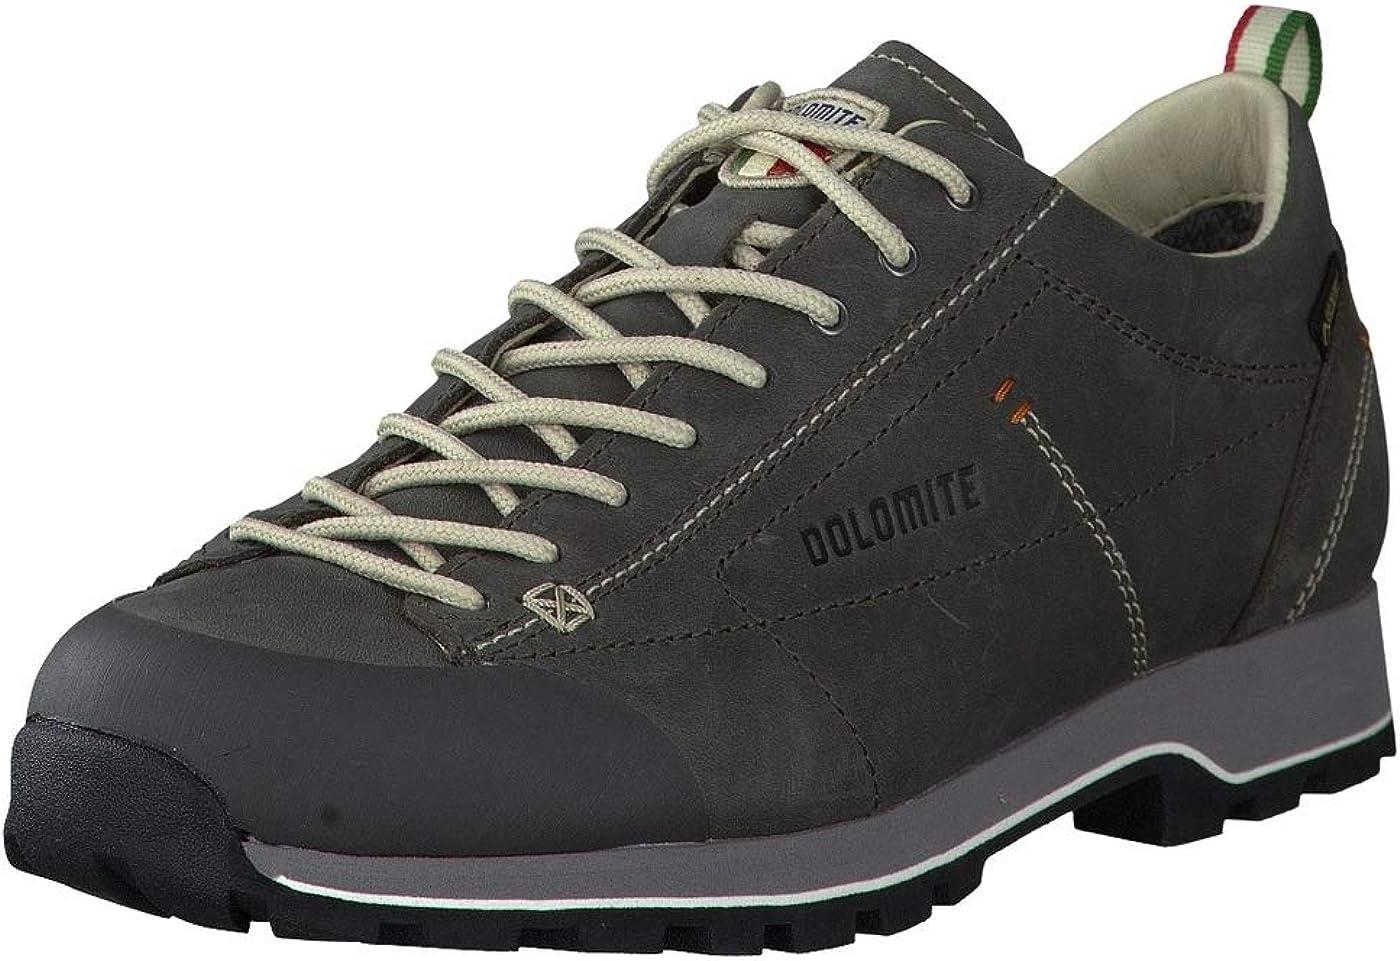 Dolomite Zapato Cinquantaquattro Low FG GTX Chaussures de Randonn/ée Basses Mixte Adulte